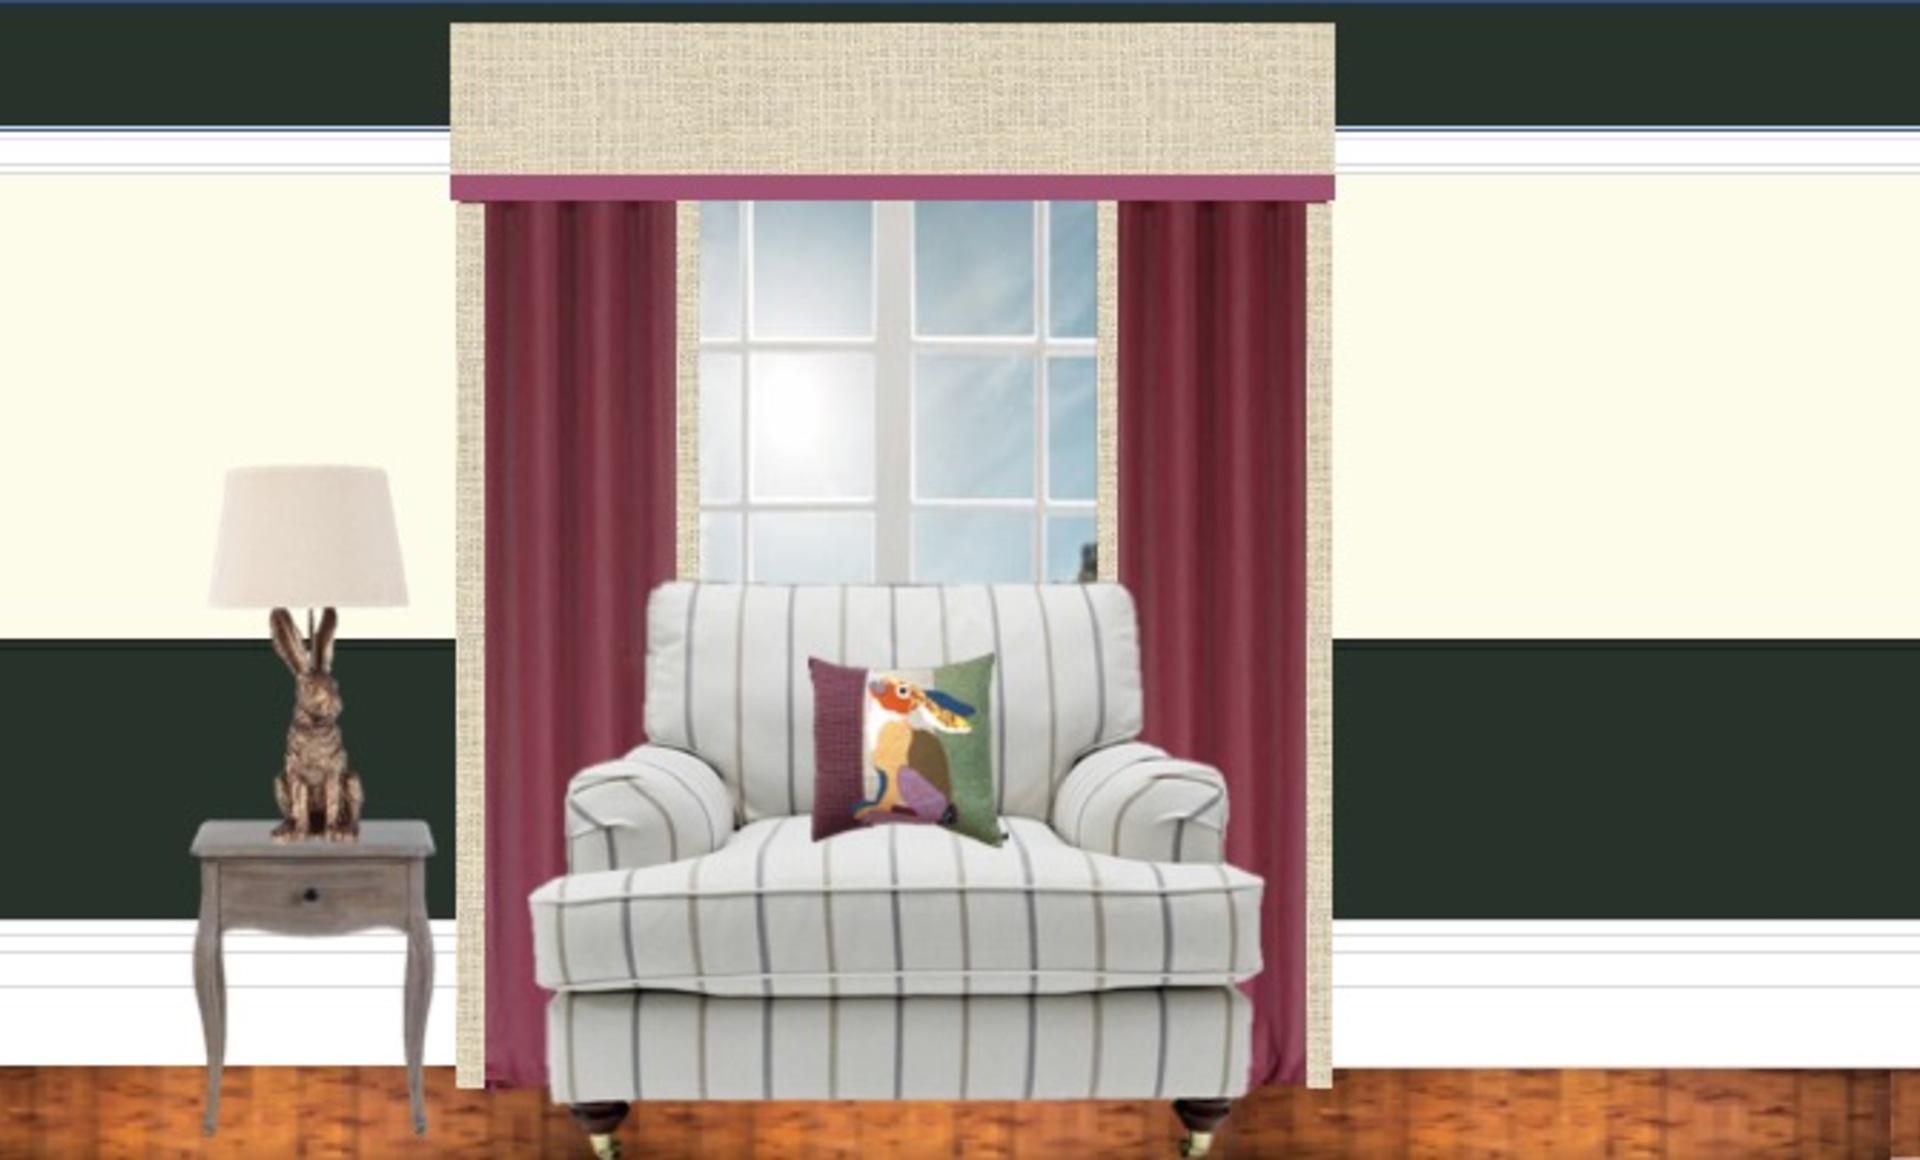 Amelia livingroom feb2019 3delevation4